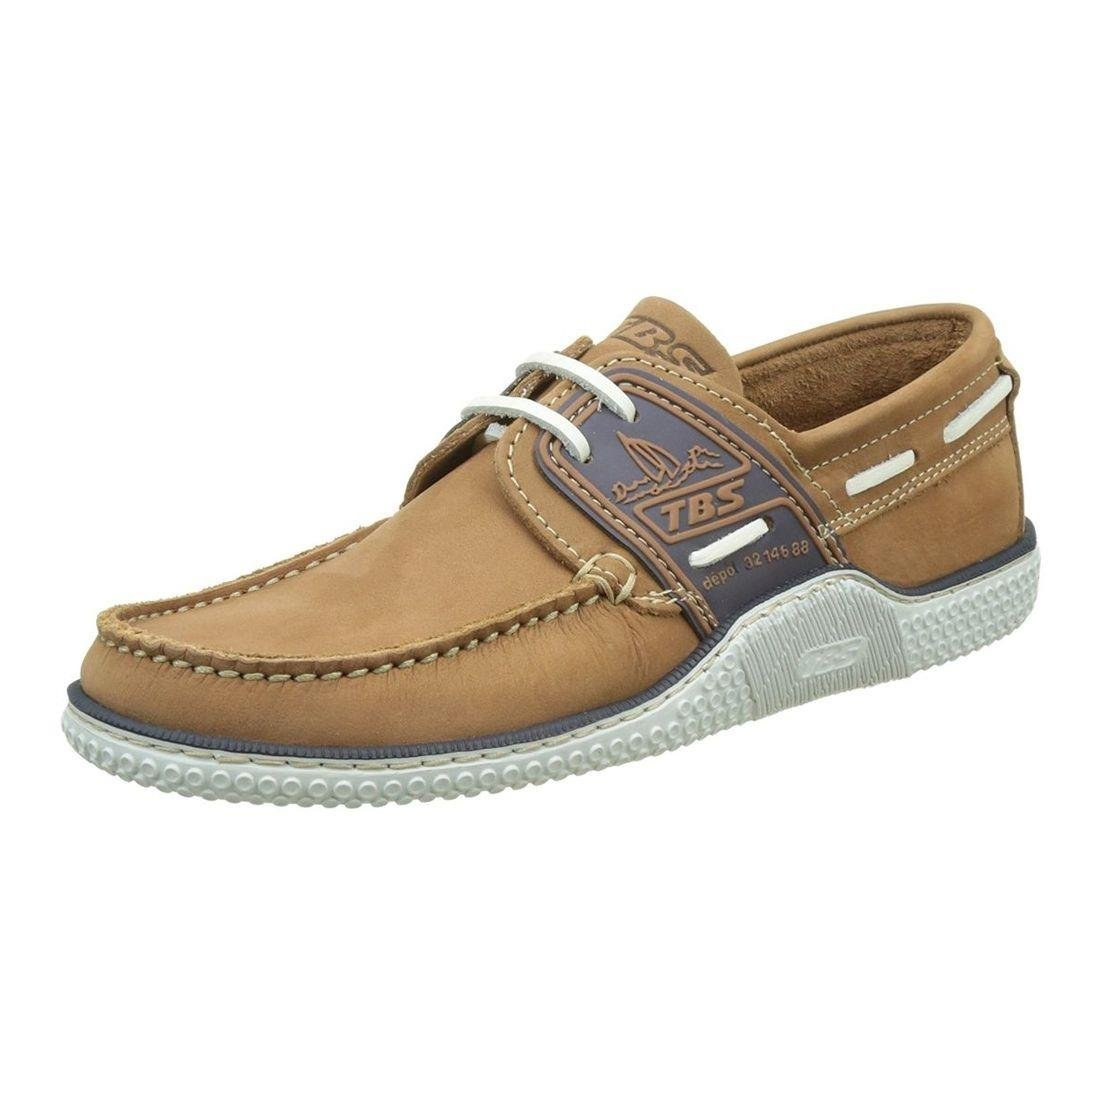 Marron TBS - Globek - - Chaussures Bateau - Homme  en ligne